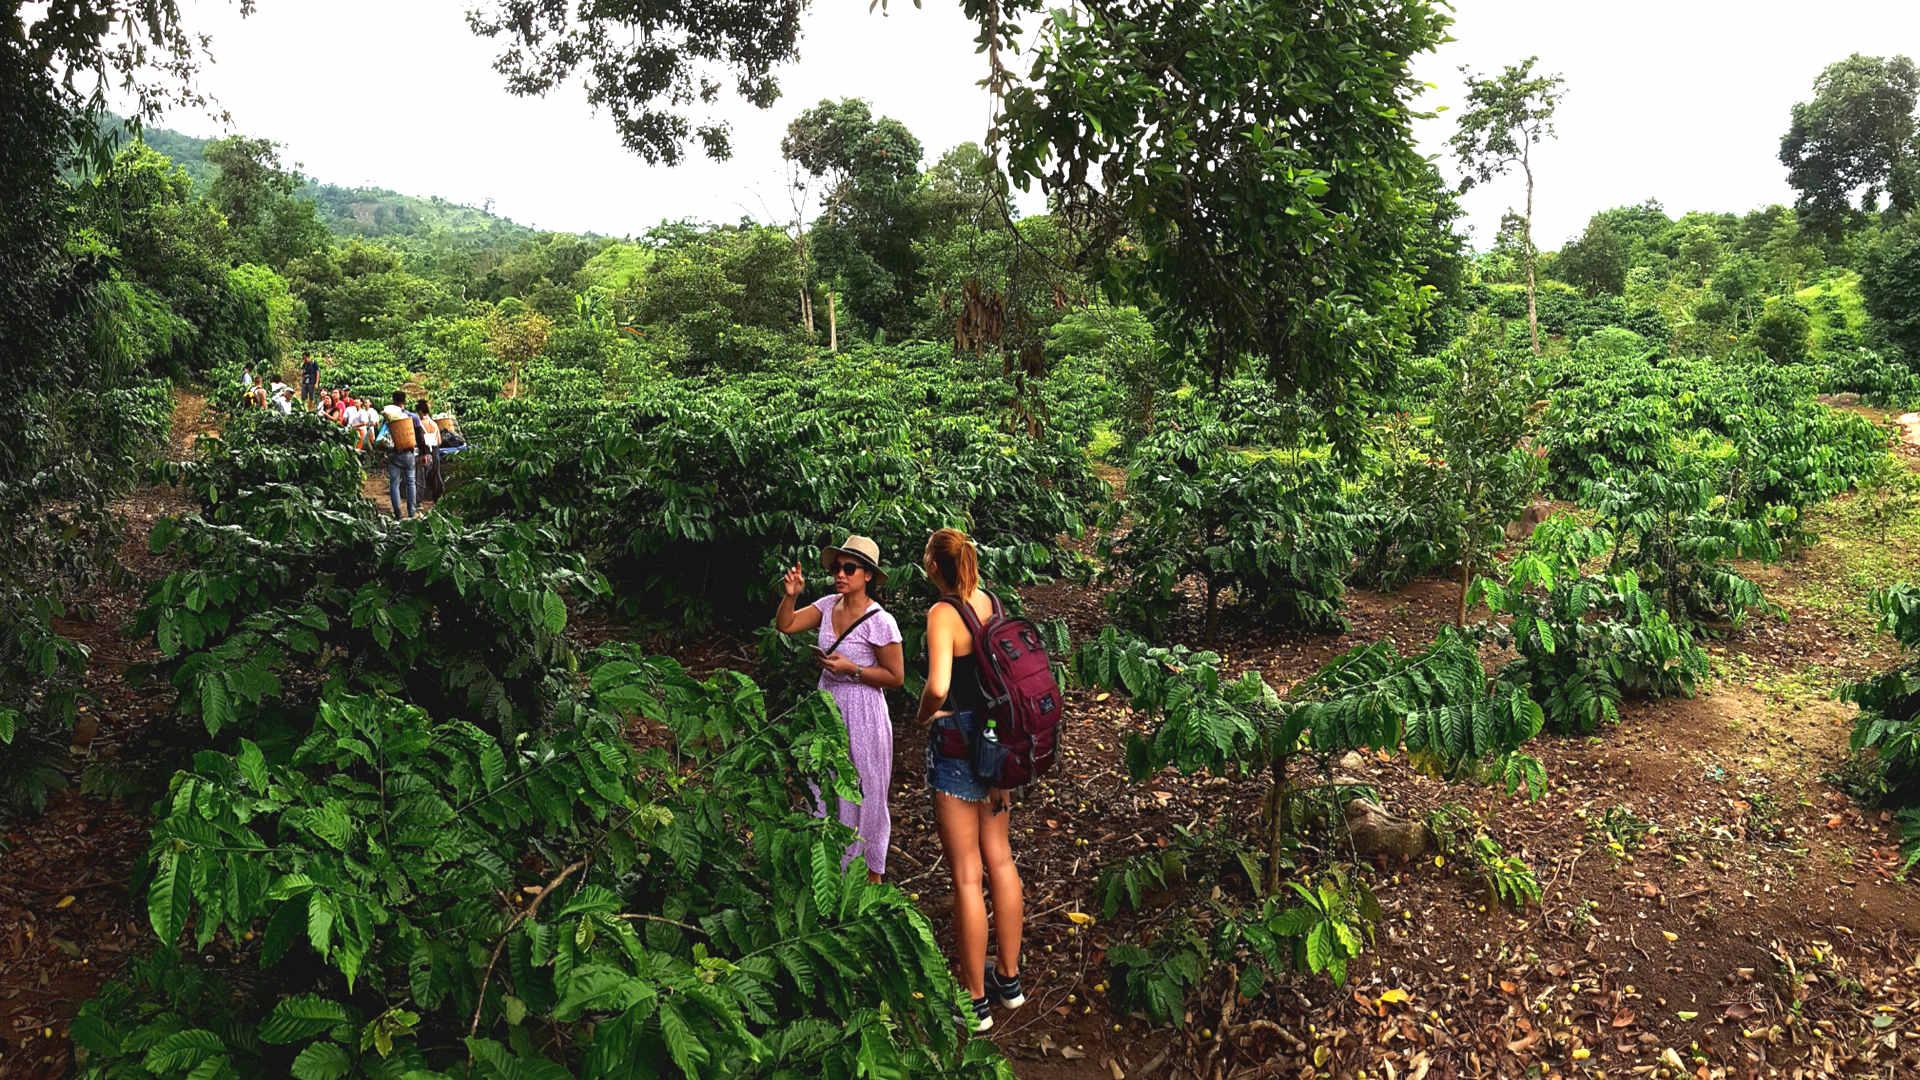 Kaffeeplantagen Trekkingreise Touristen in Dak Lak Provinz Vietnam